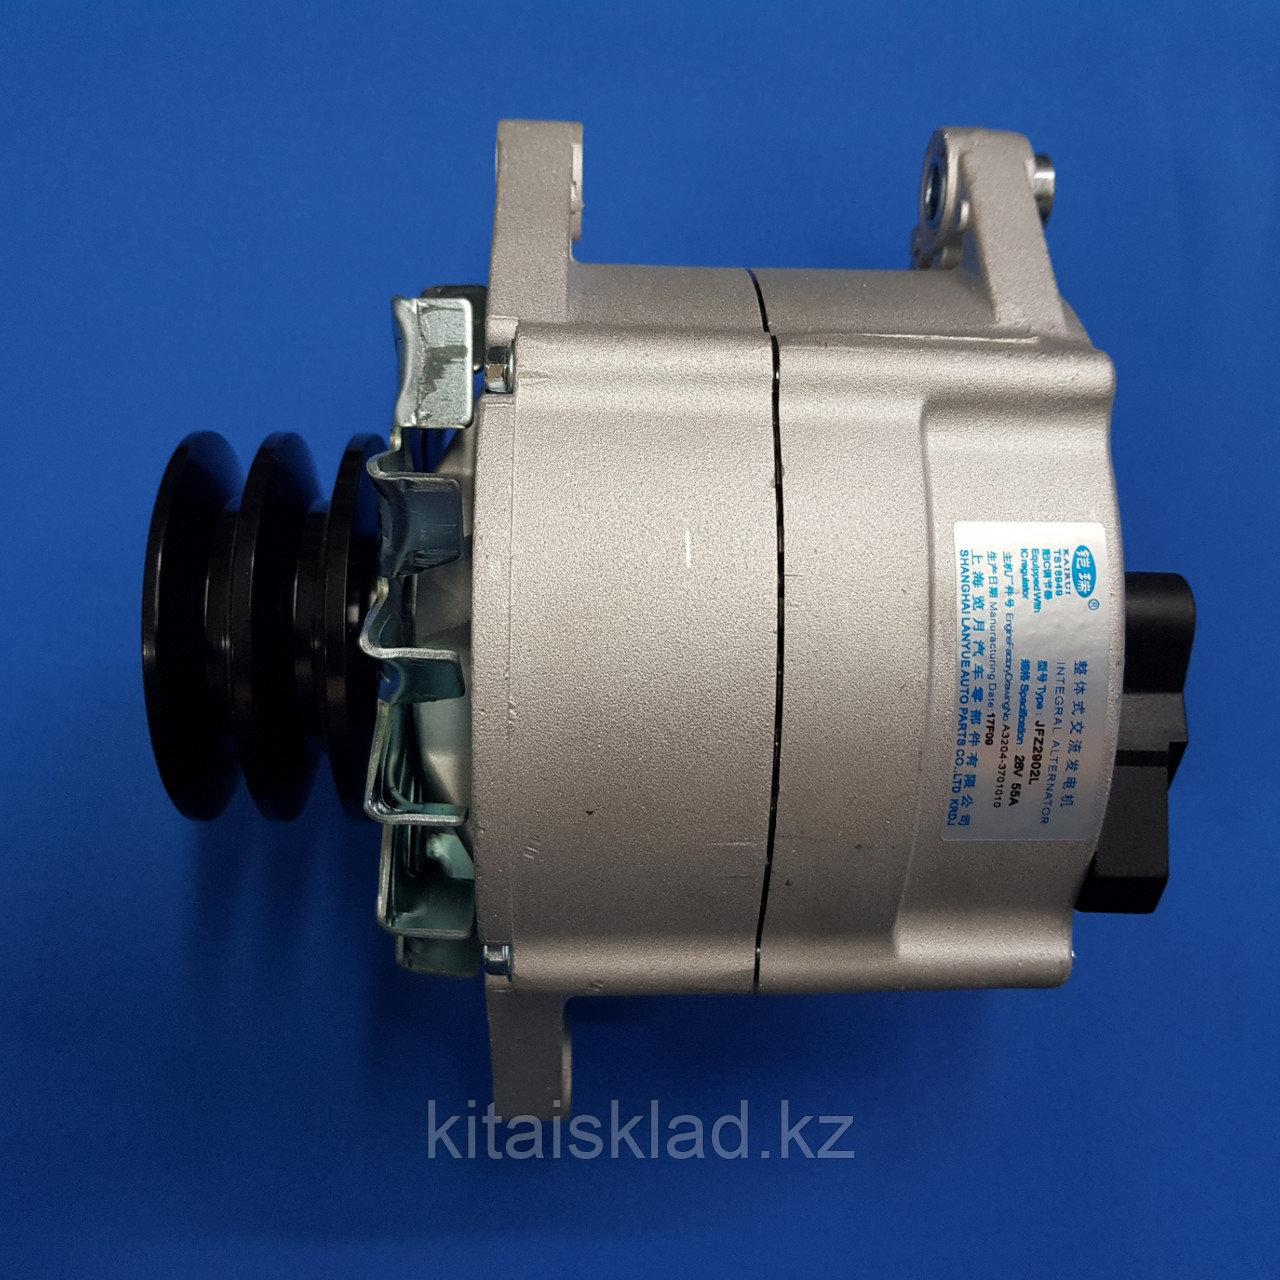 Генератор JFZ2902L 28V 55A FAW1041. BAW1065 EURO III